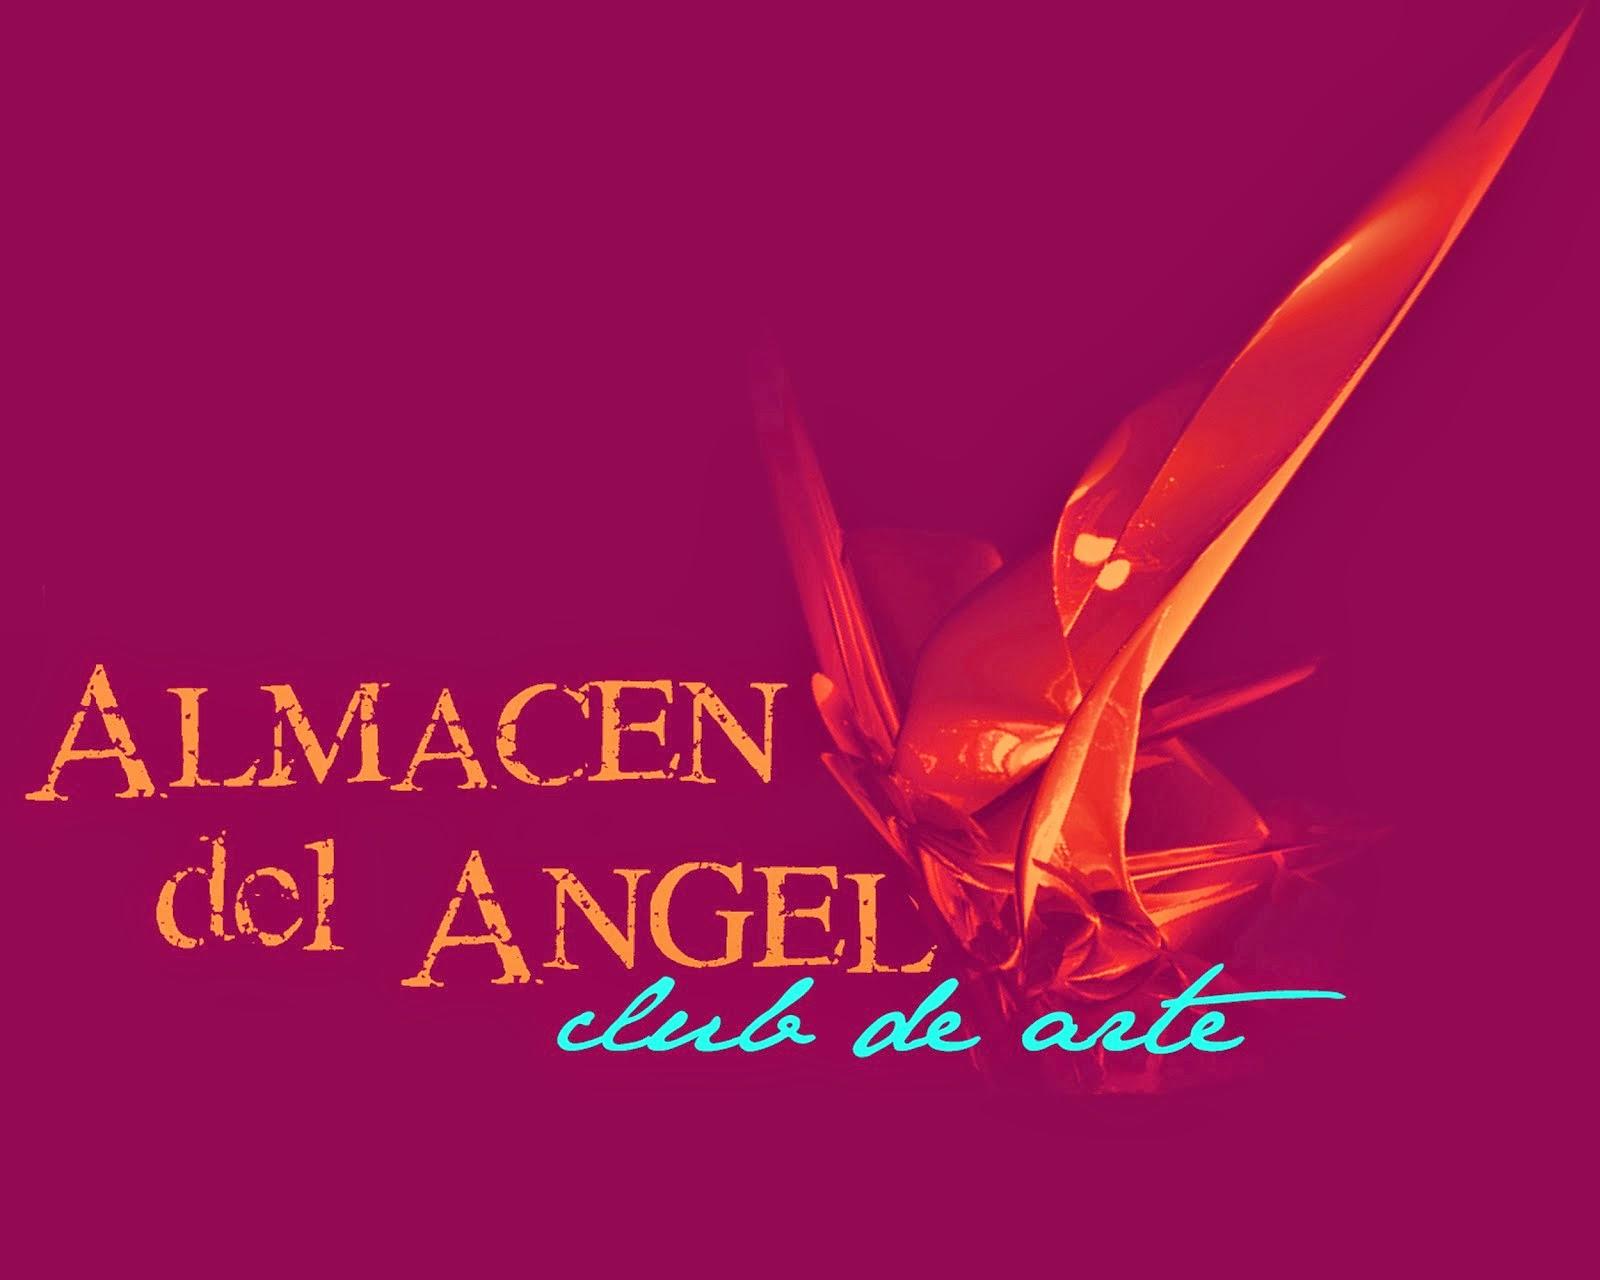 Almacén del Ángel -club de arte-